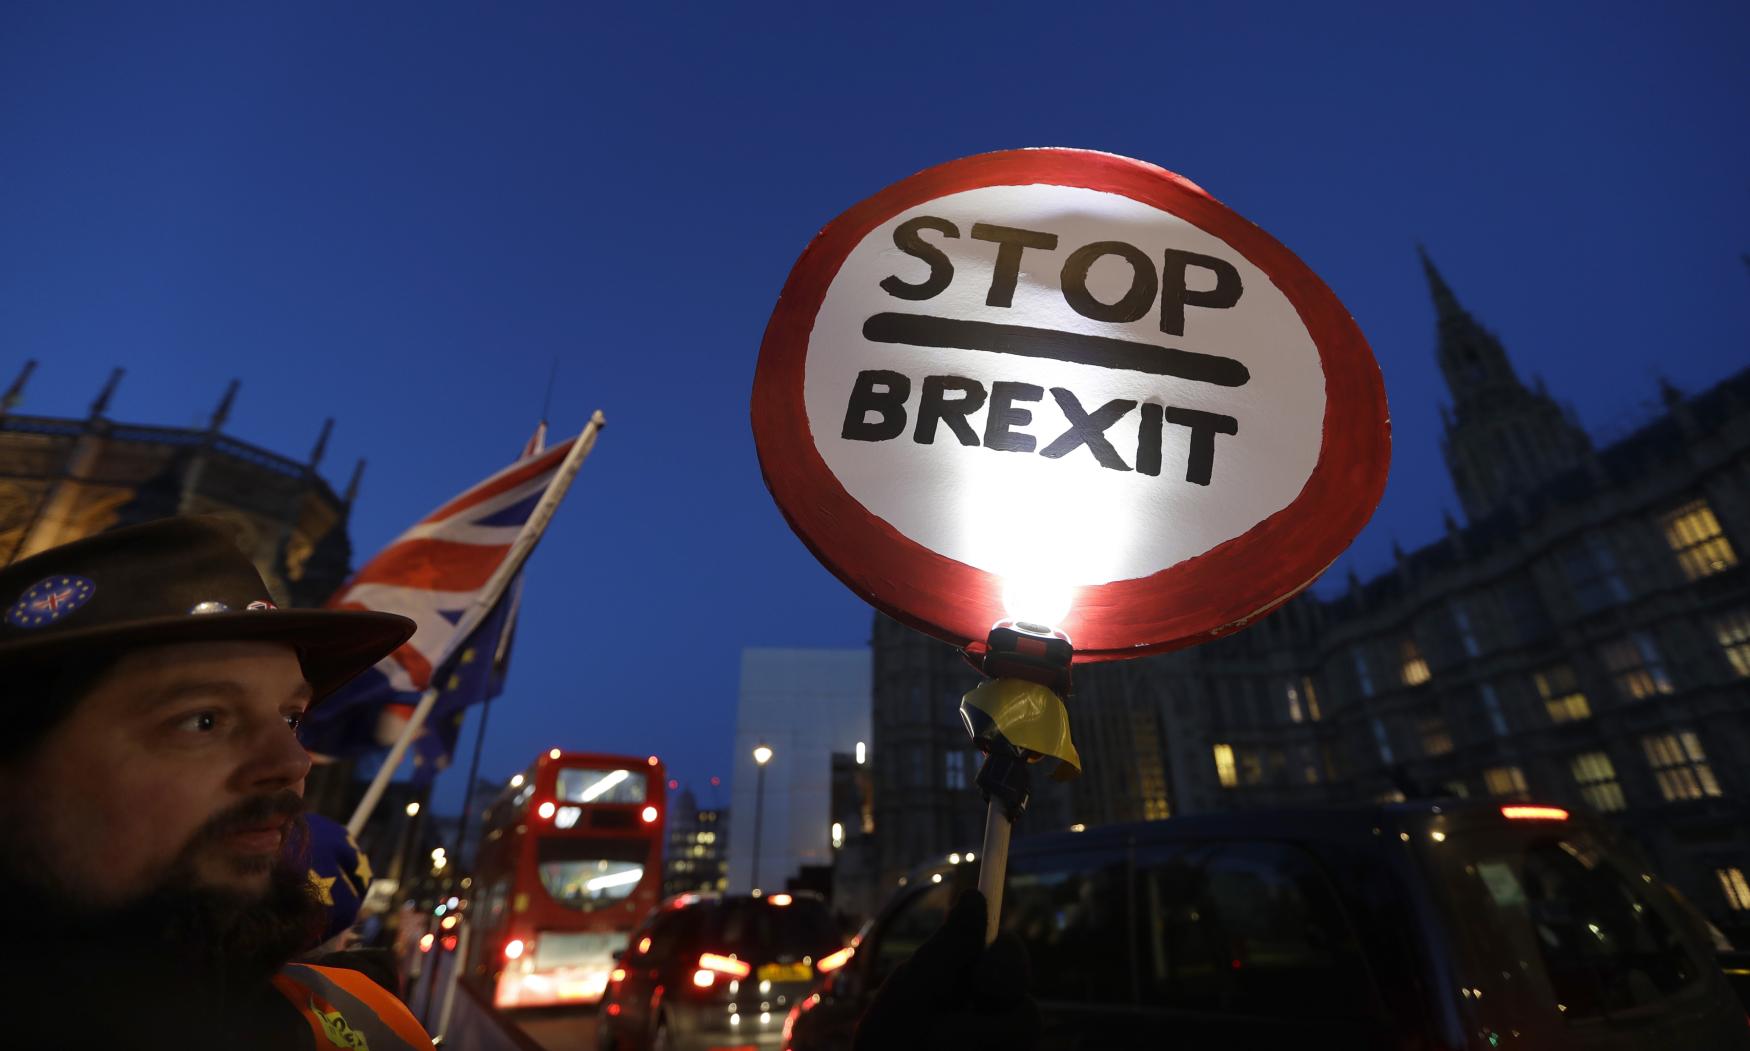 Muž protestující proti brexitu (ilustrační foto)